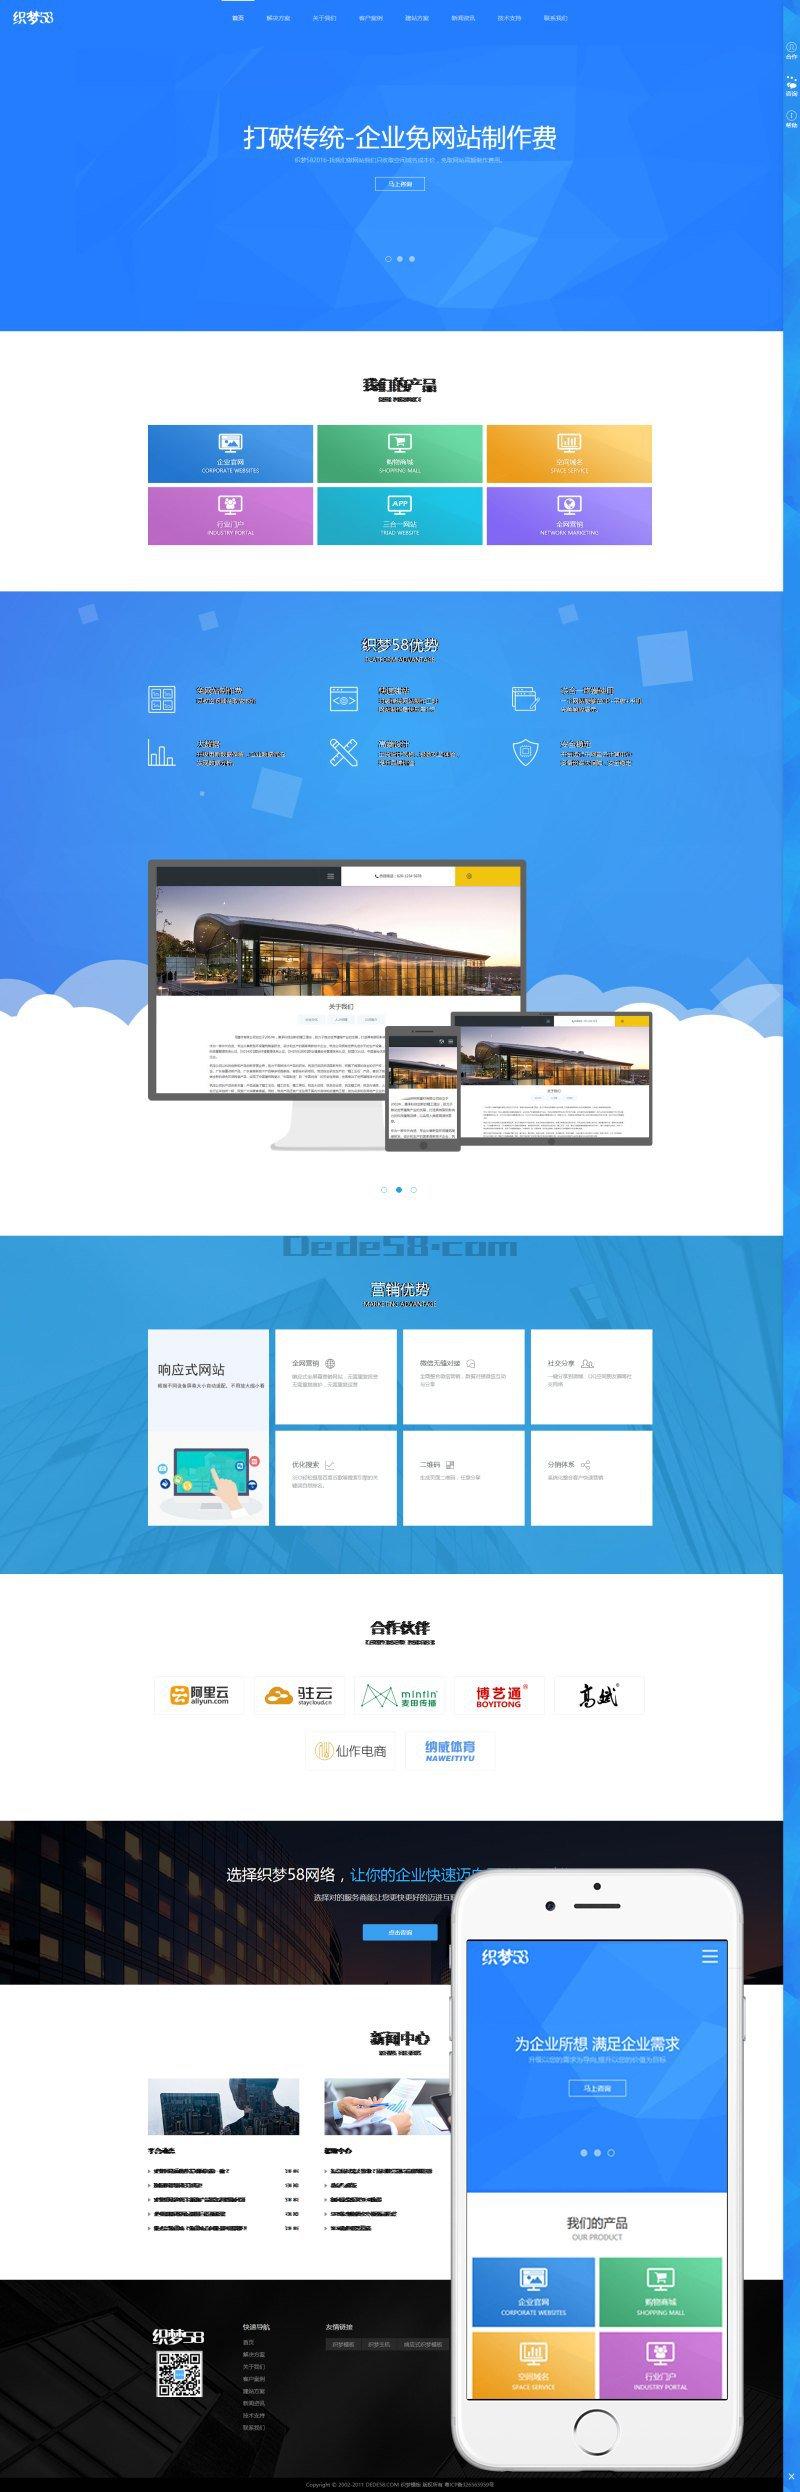 [织梦模板]响应式网络建设设计公司网站模板(自适应移动设备)